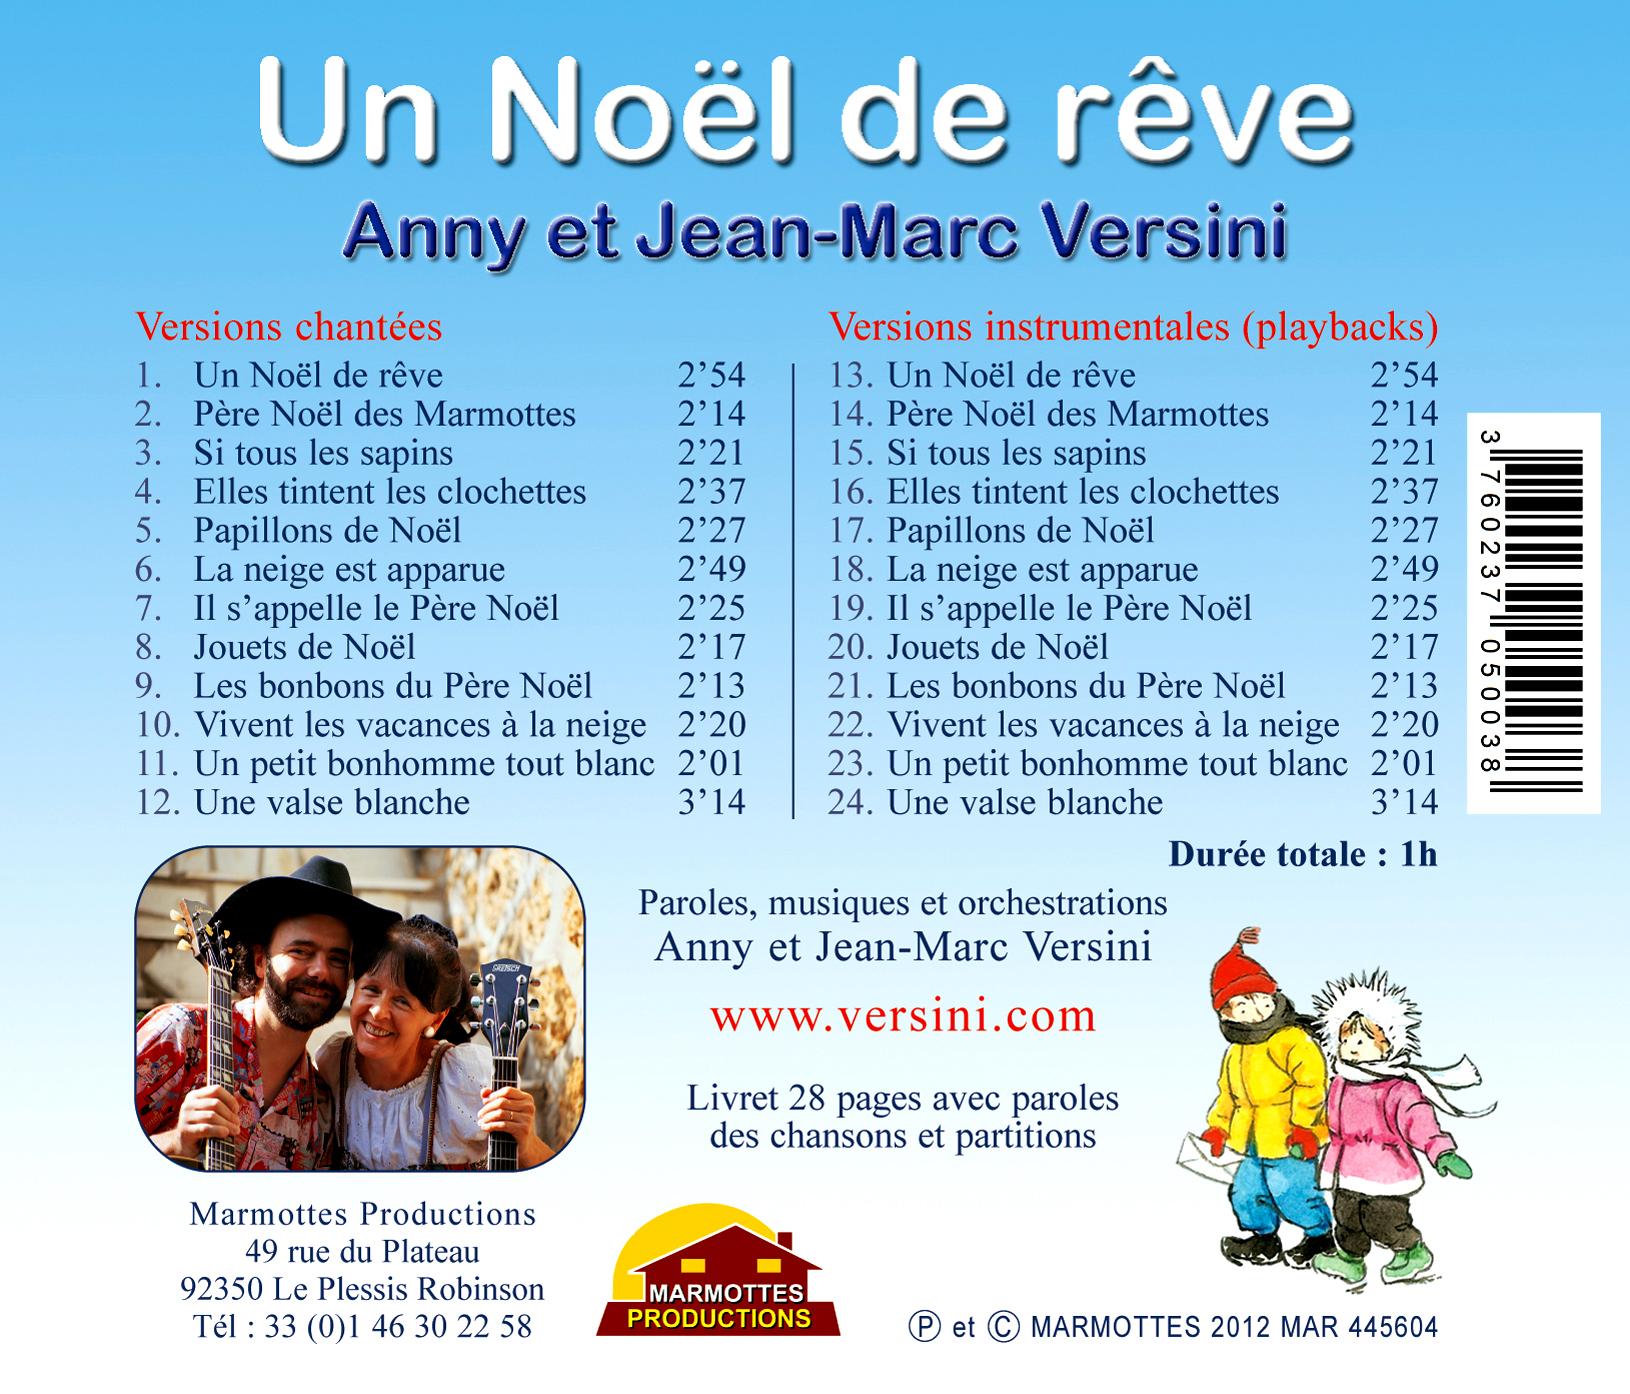 Un Noël De Rêve (Cd) - A Et J-M Versini avec Chanson Dans Son Manteau Rouge Et Blanc